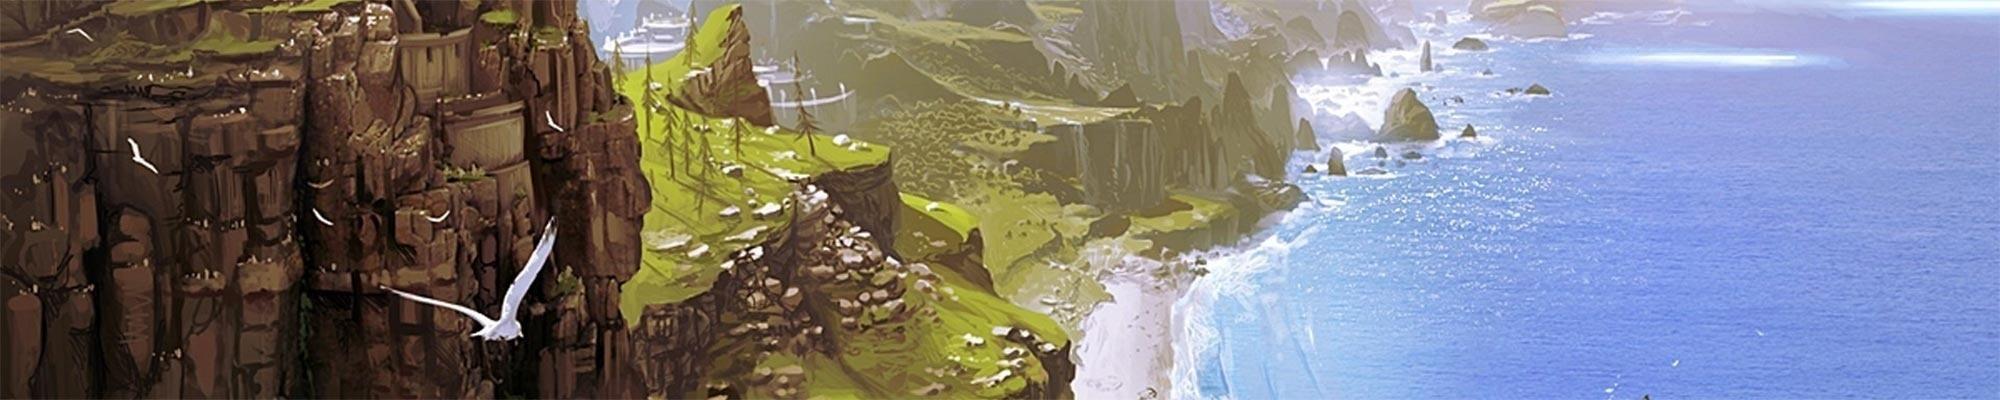 《要塞Fortress》:一个从未诞生的《最终幻想》